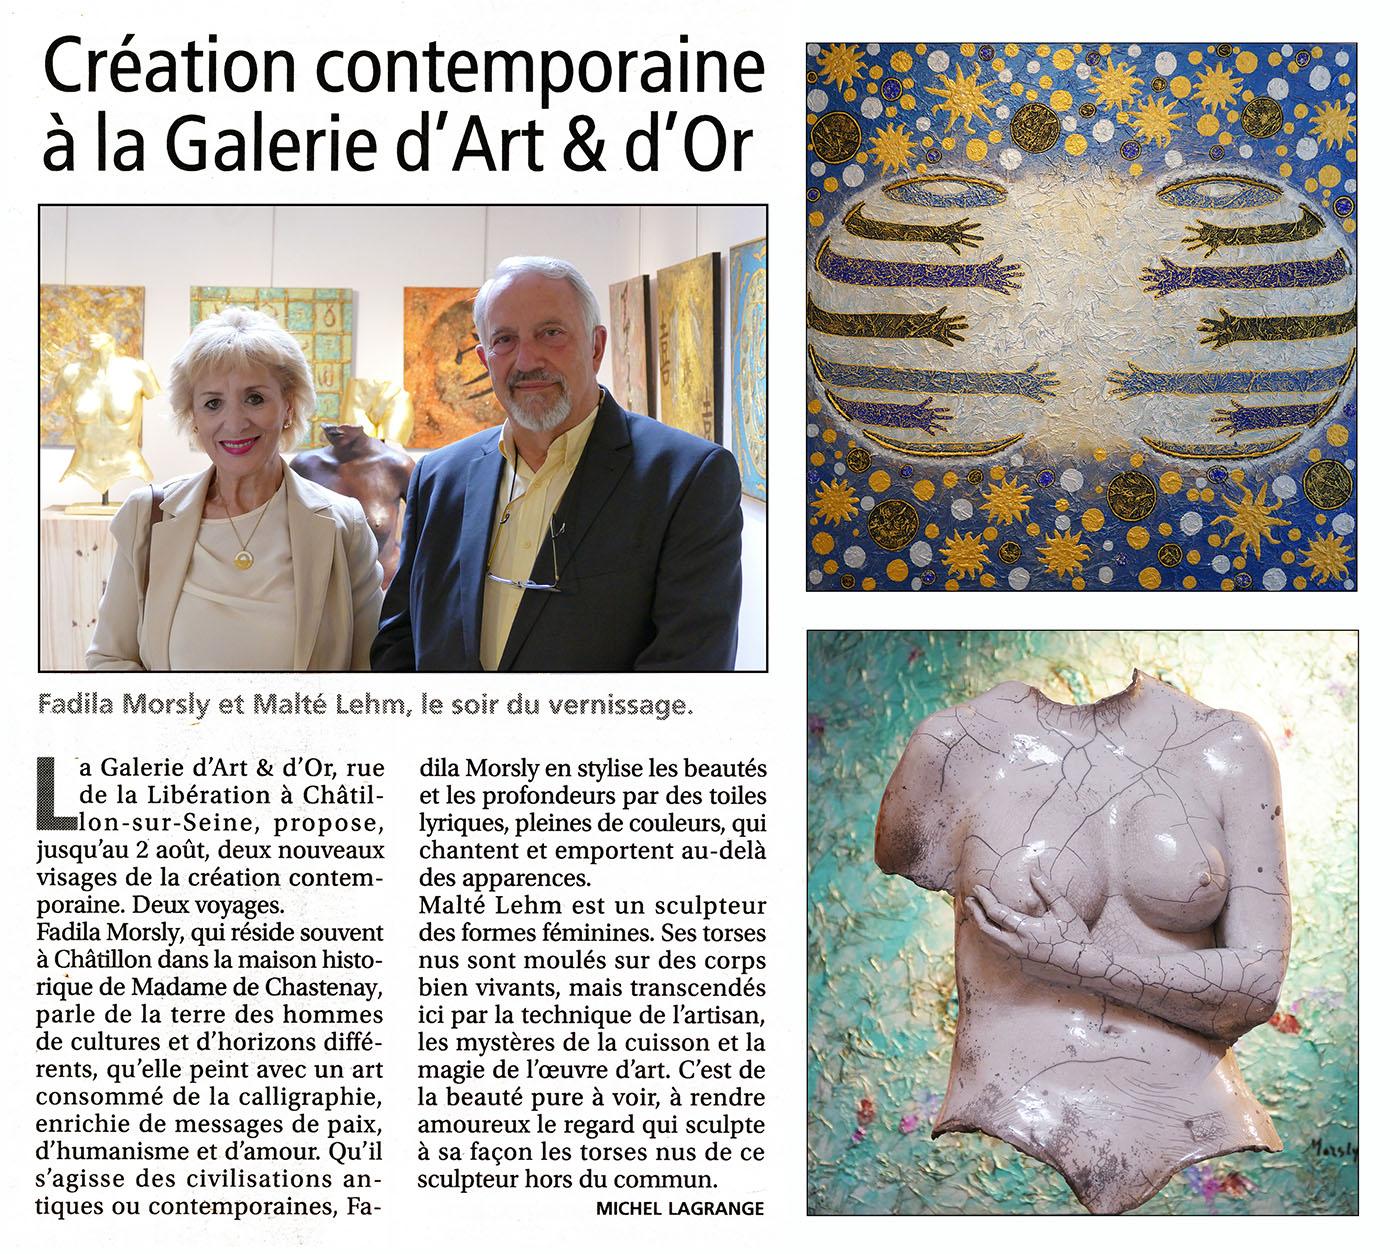 Galerie d'art et d'or - F.Morsly - M.Lehm